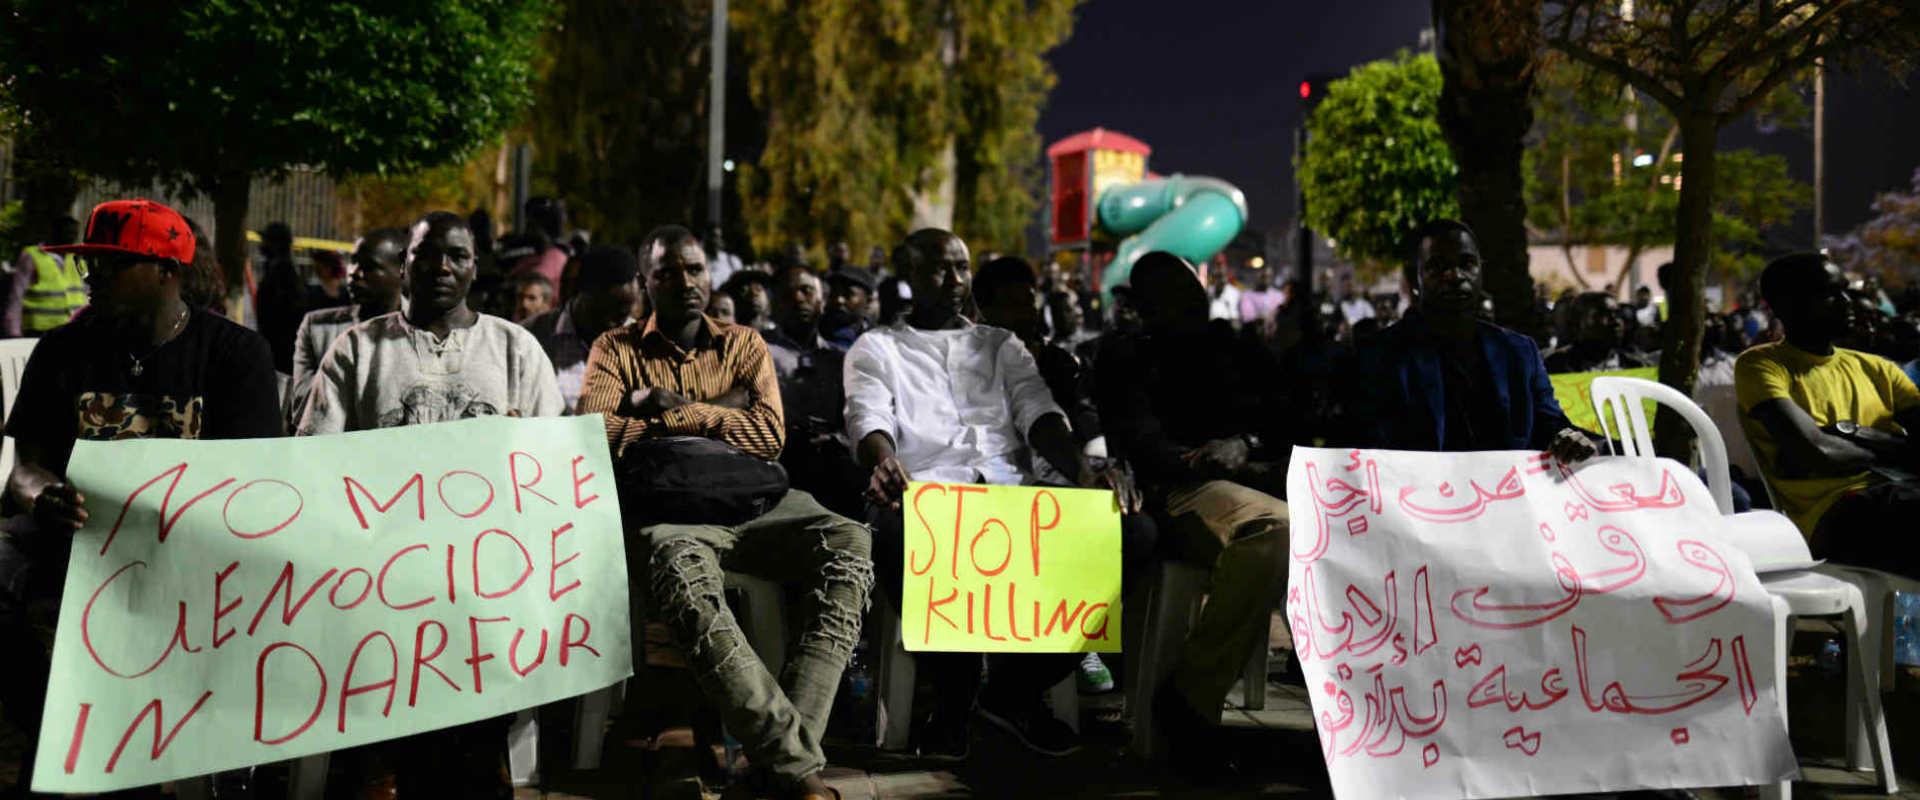 מחאה של אזרחי דרפור בתל אביב